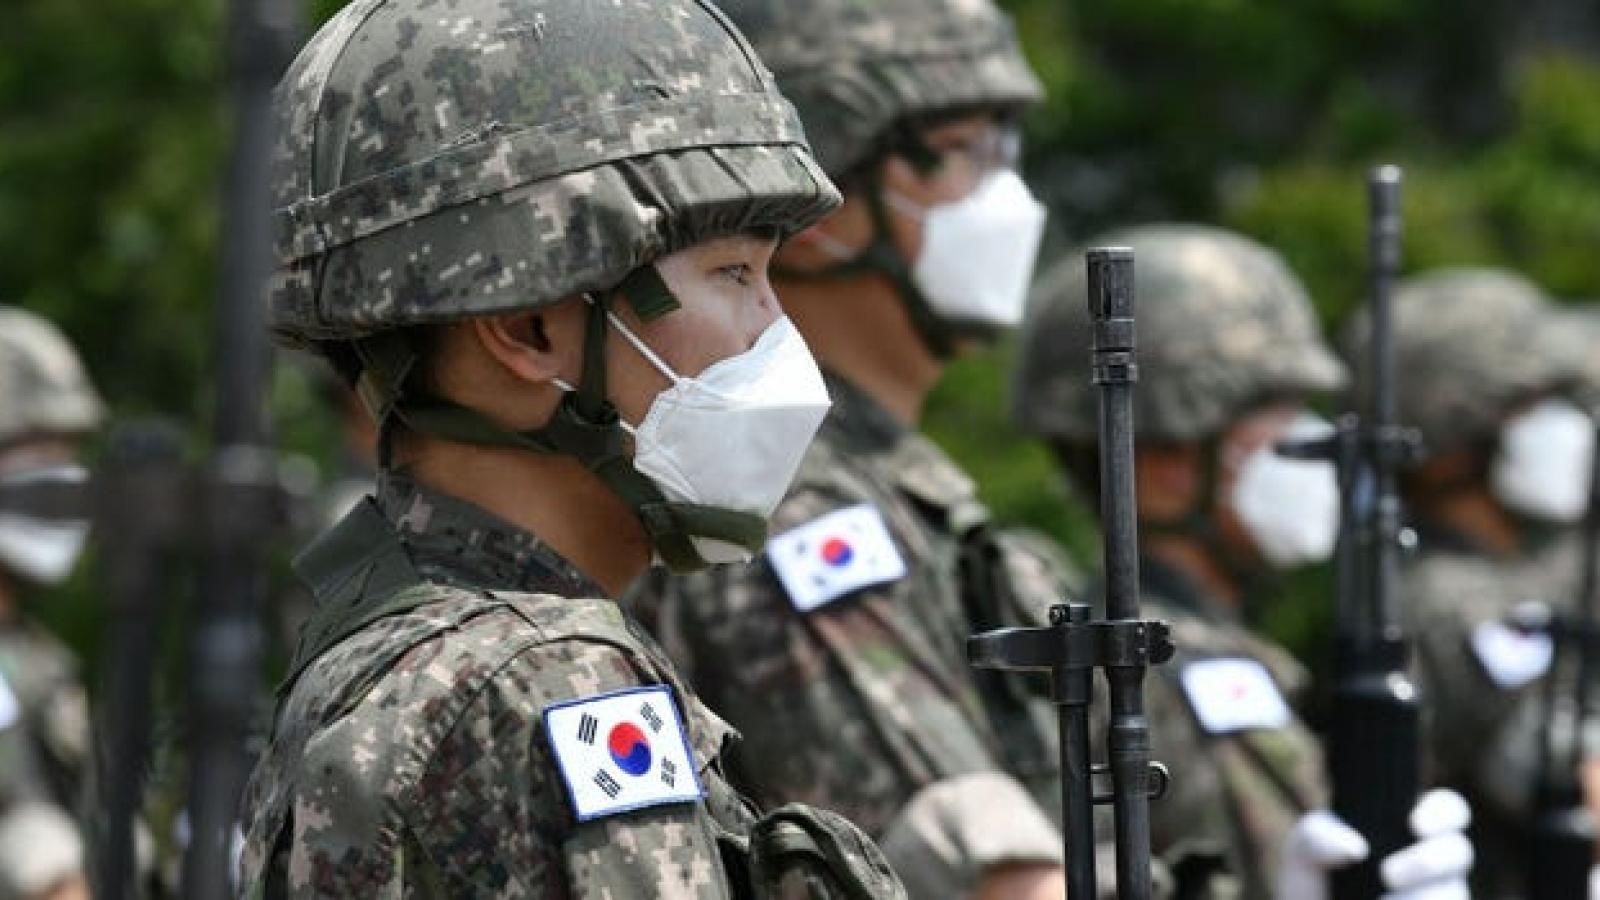 Thêm một ổ dịch COVID-19 mới trong quân đội Hàn Quốc